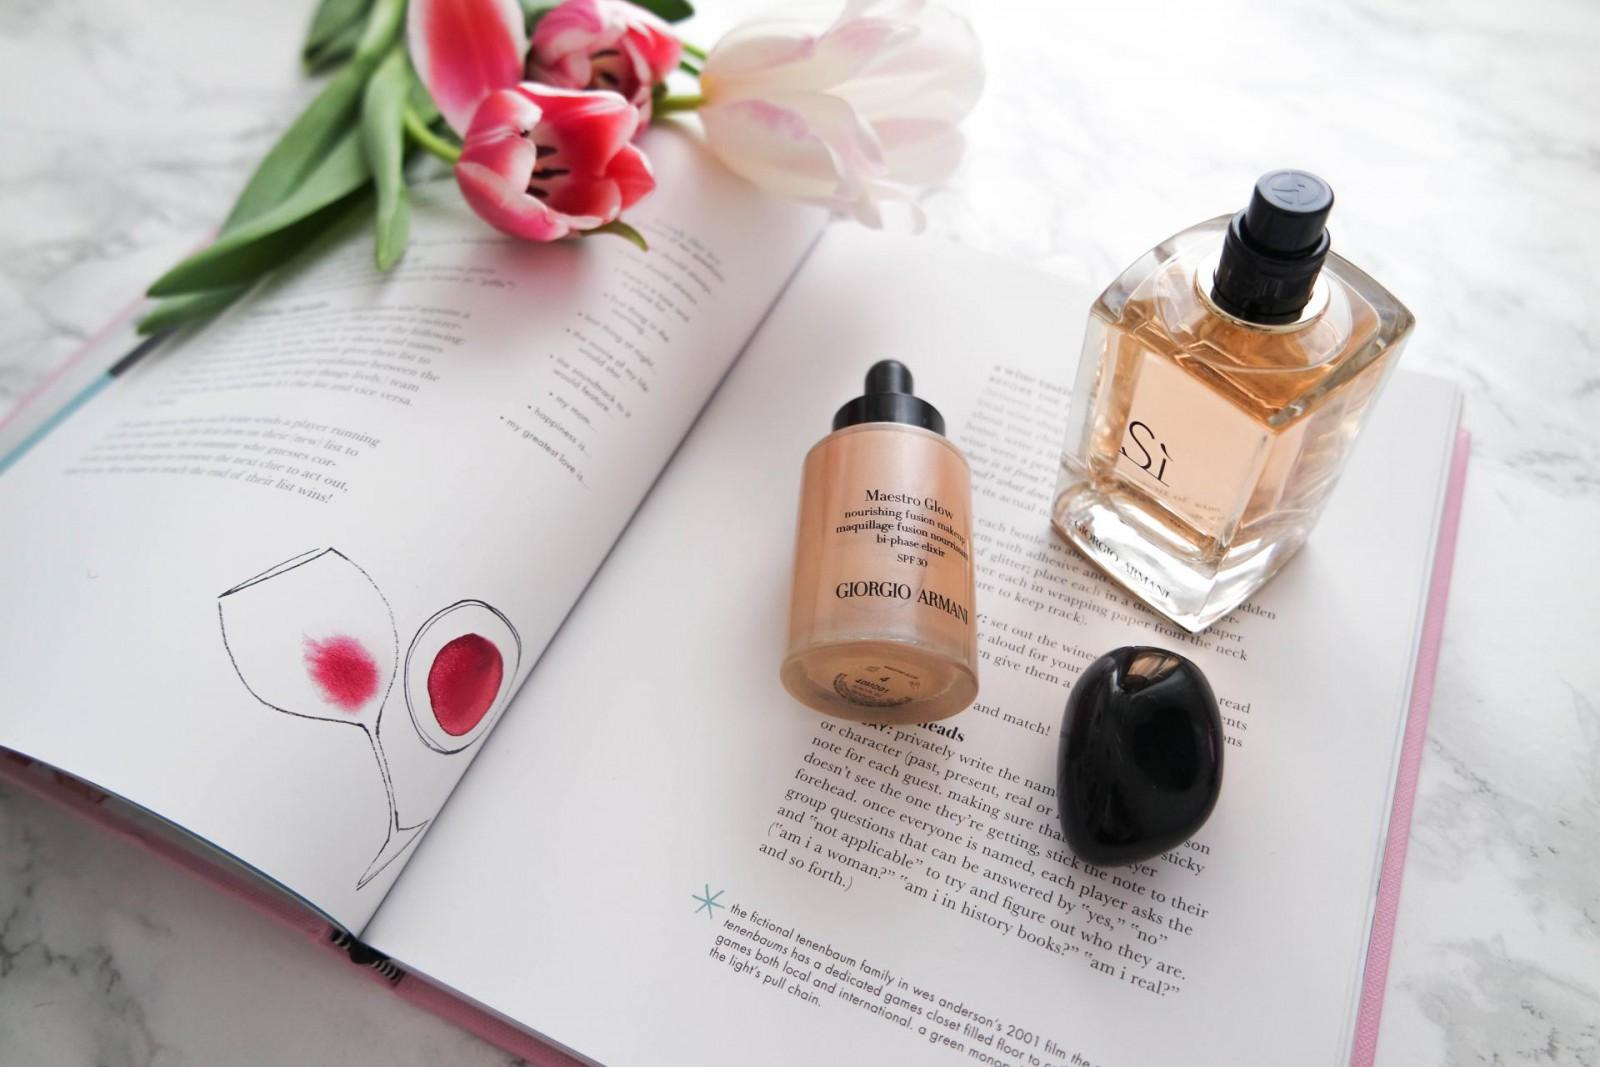 Giorgio Armani // Make Up Review